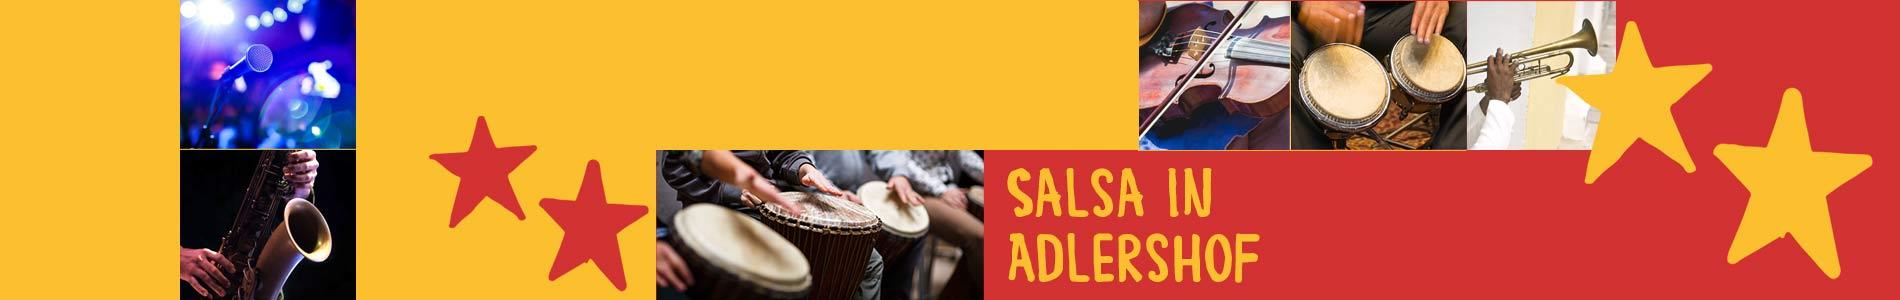 Salsa in Adlershof – Salsa lernen und tanzen, Tanzkurse, Partys, Veranstaltungen